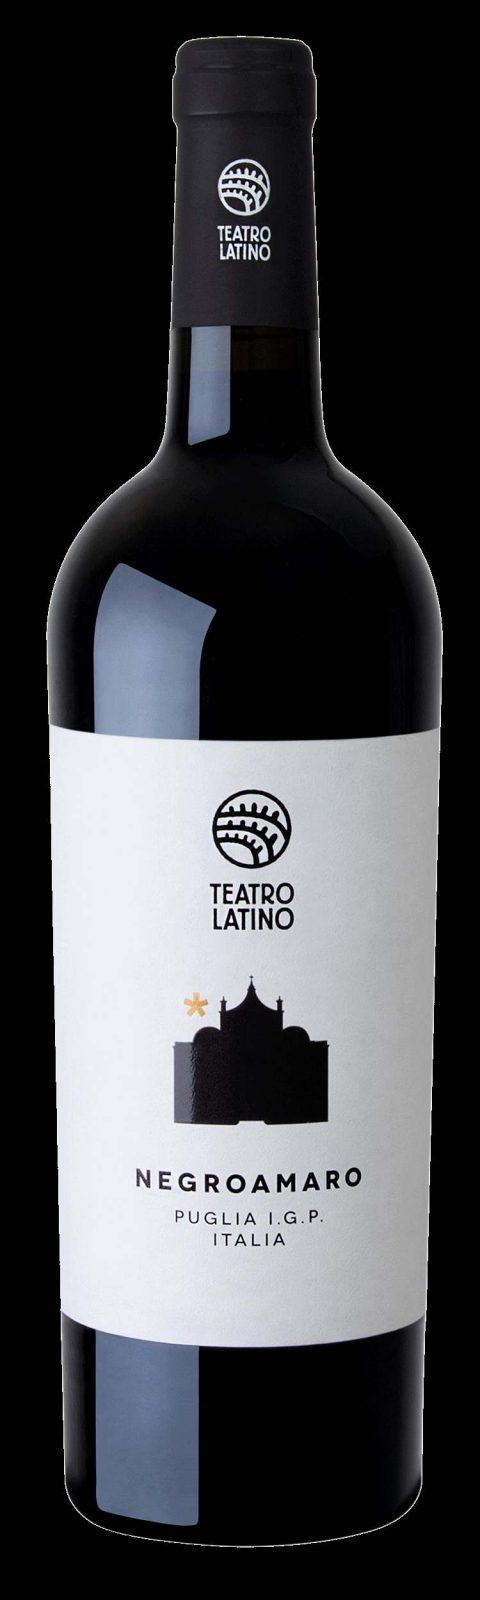 Negroamaro Puglia IGP Teatro Latino von VianelloWines - Ein gefälliger Rotwein aus dem Süden Italiens - bestens geeignet auch für den spontanen Genuß